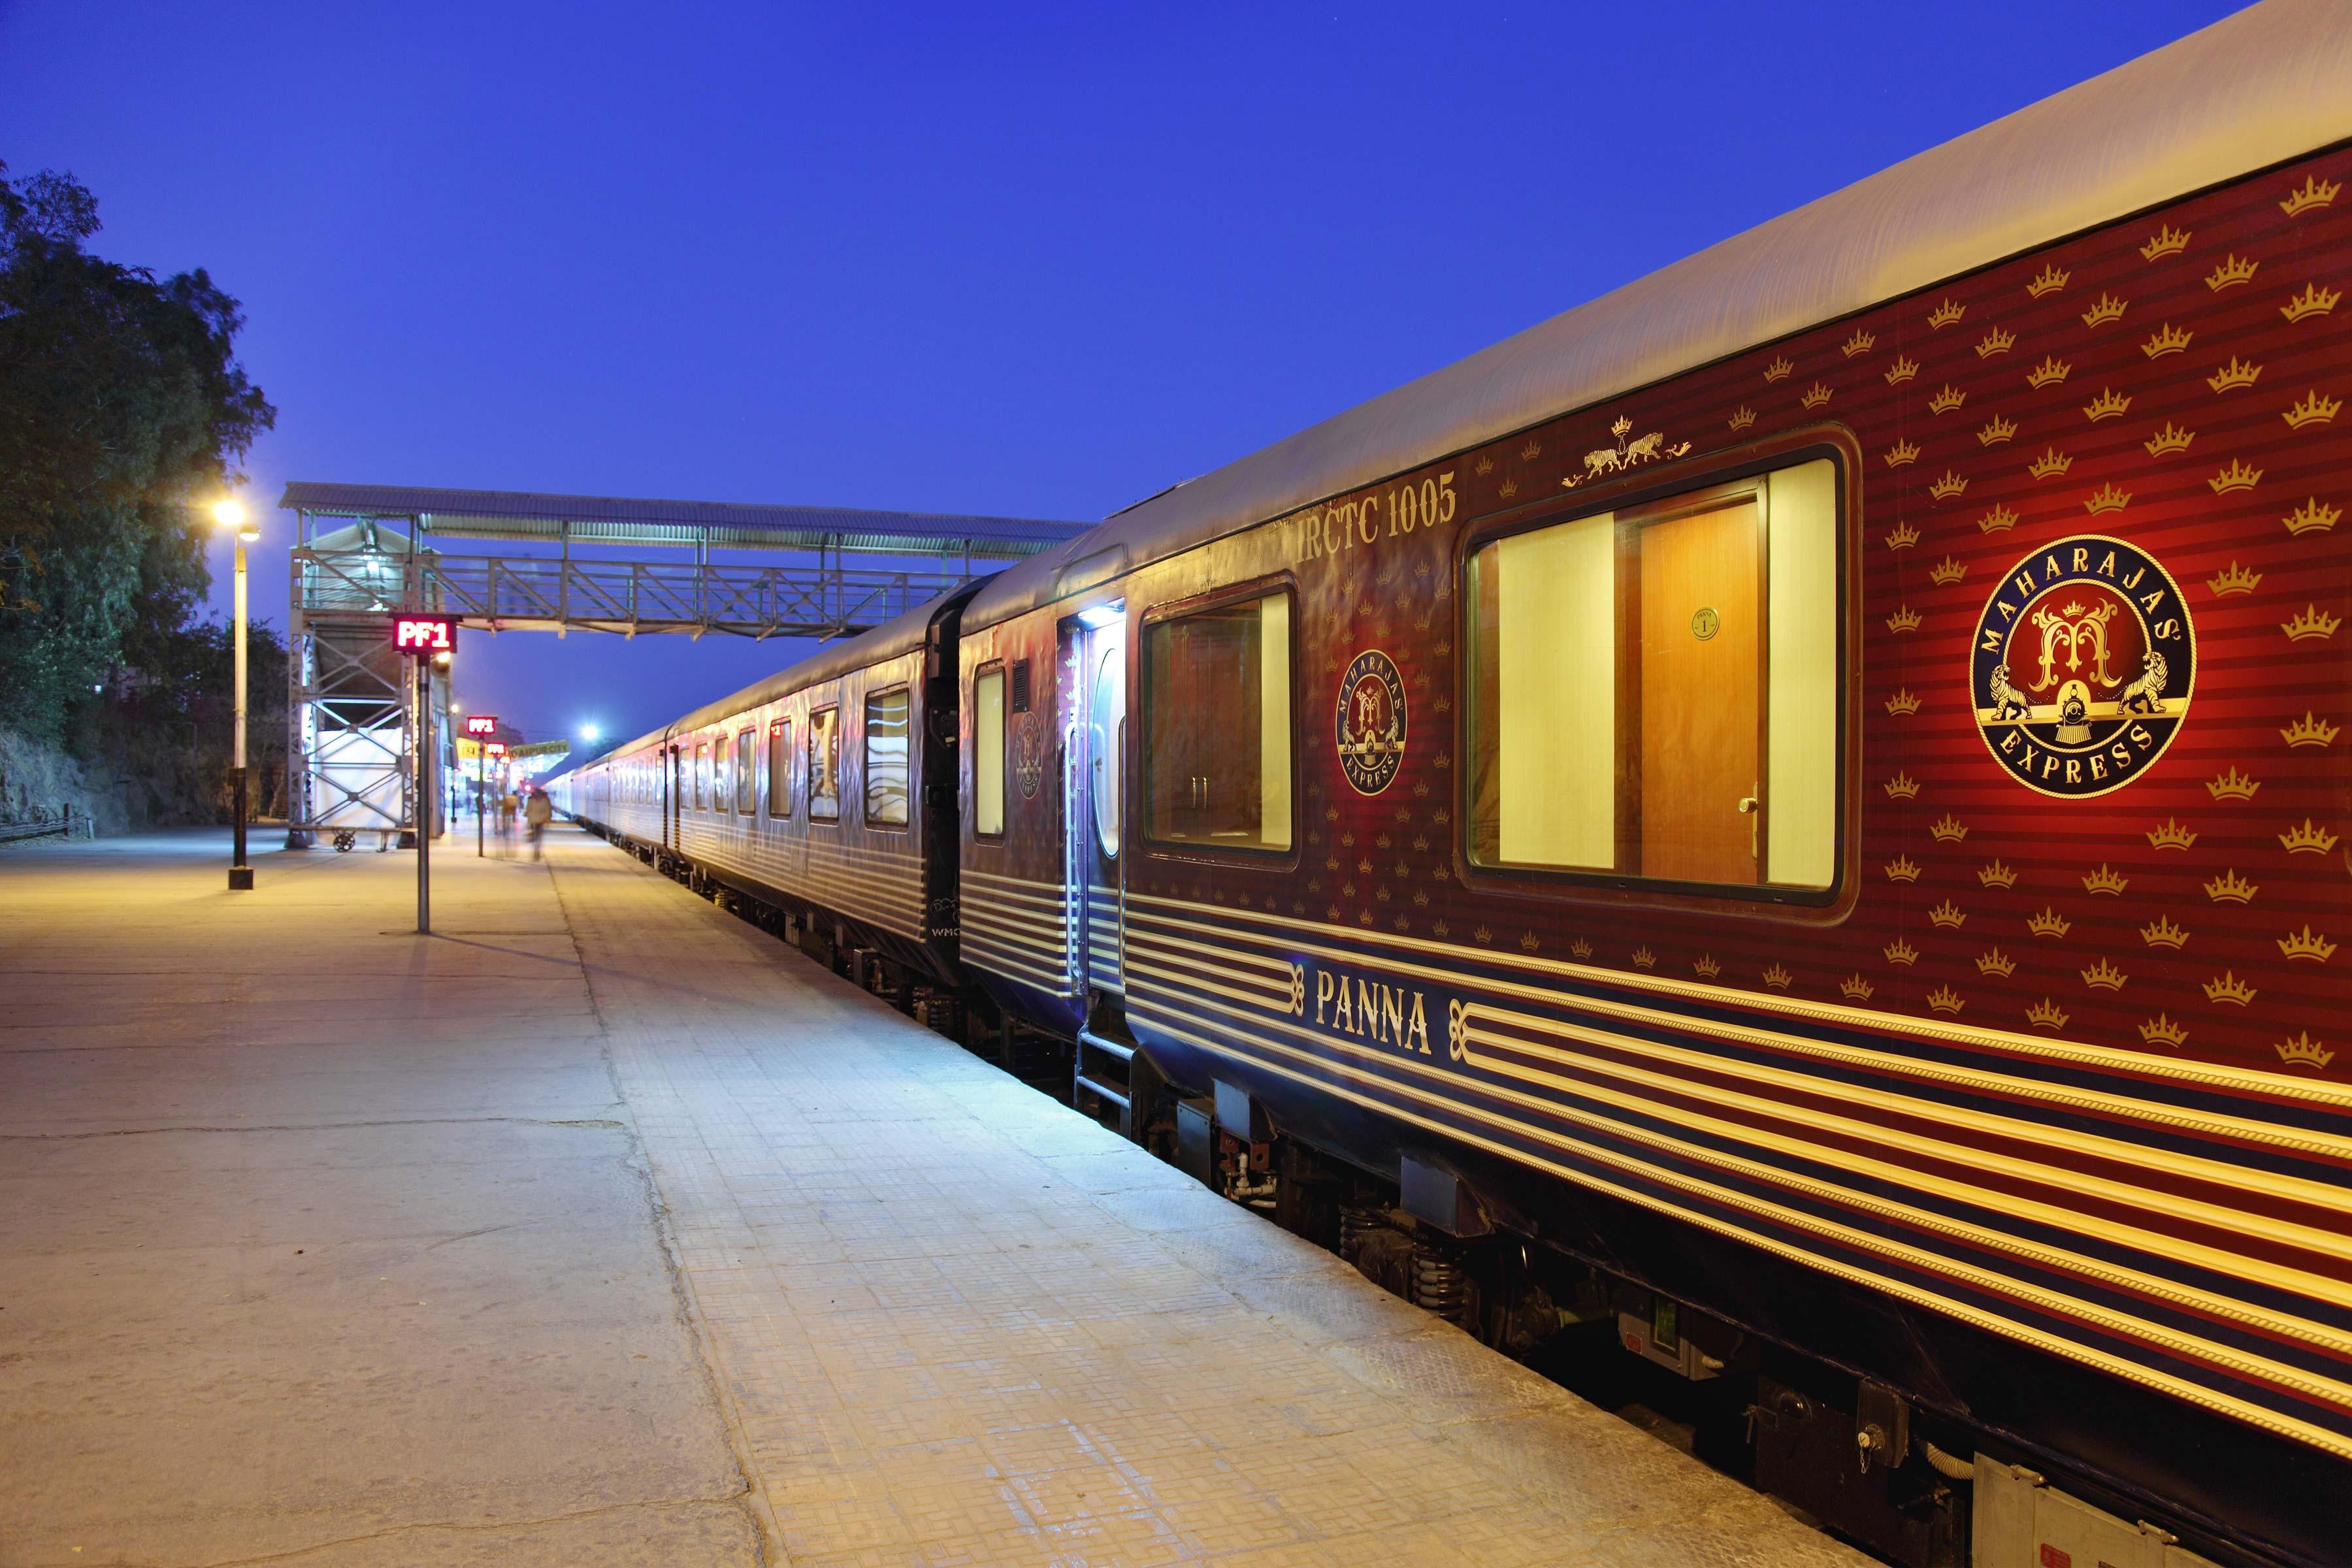 Maharajas Express Image